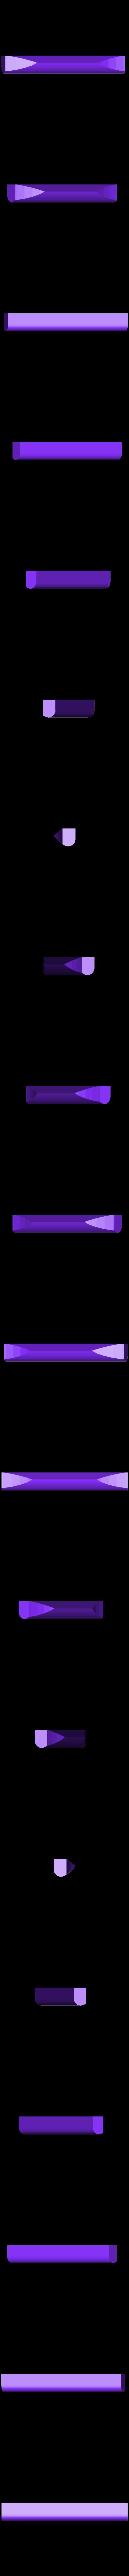 13-saddle.stl Download free STL file Violin • 3D print design, jteix